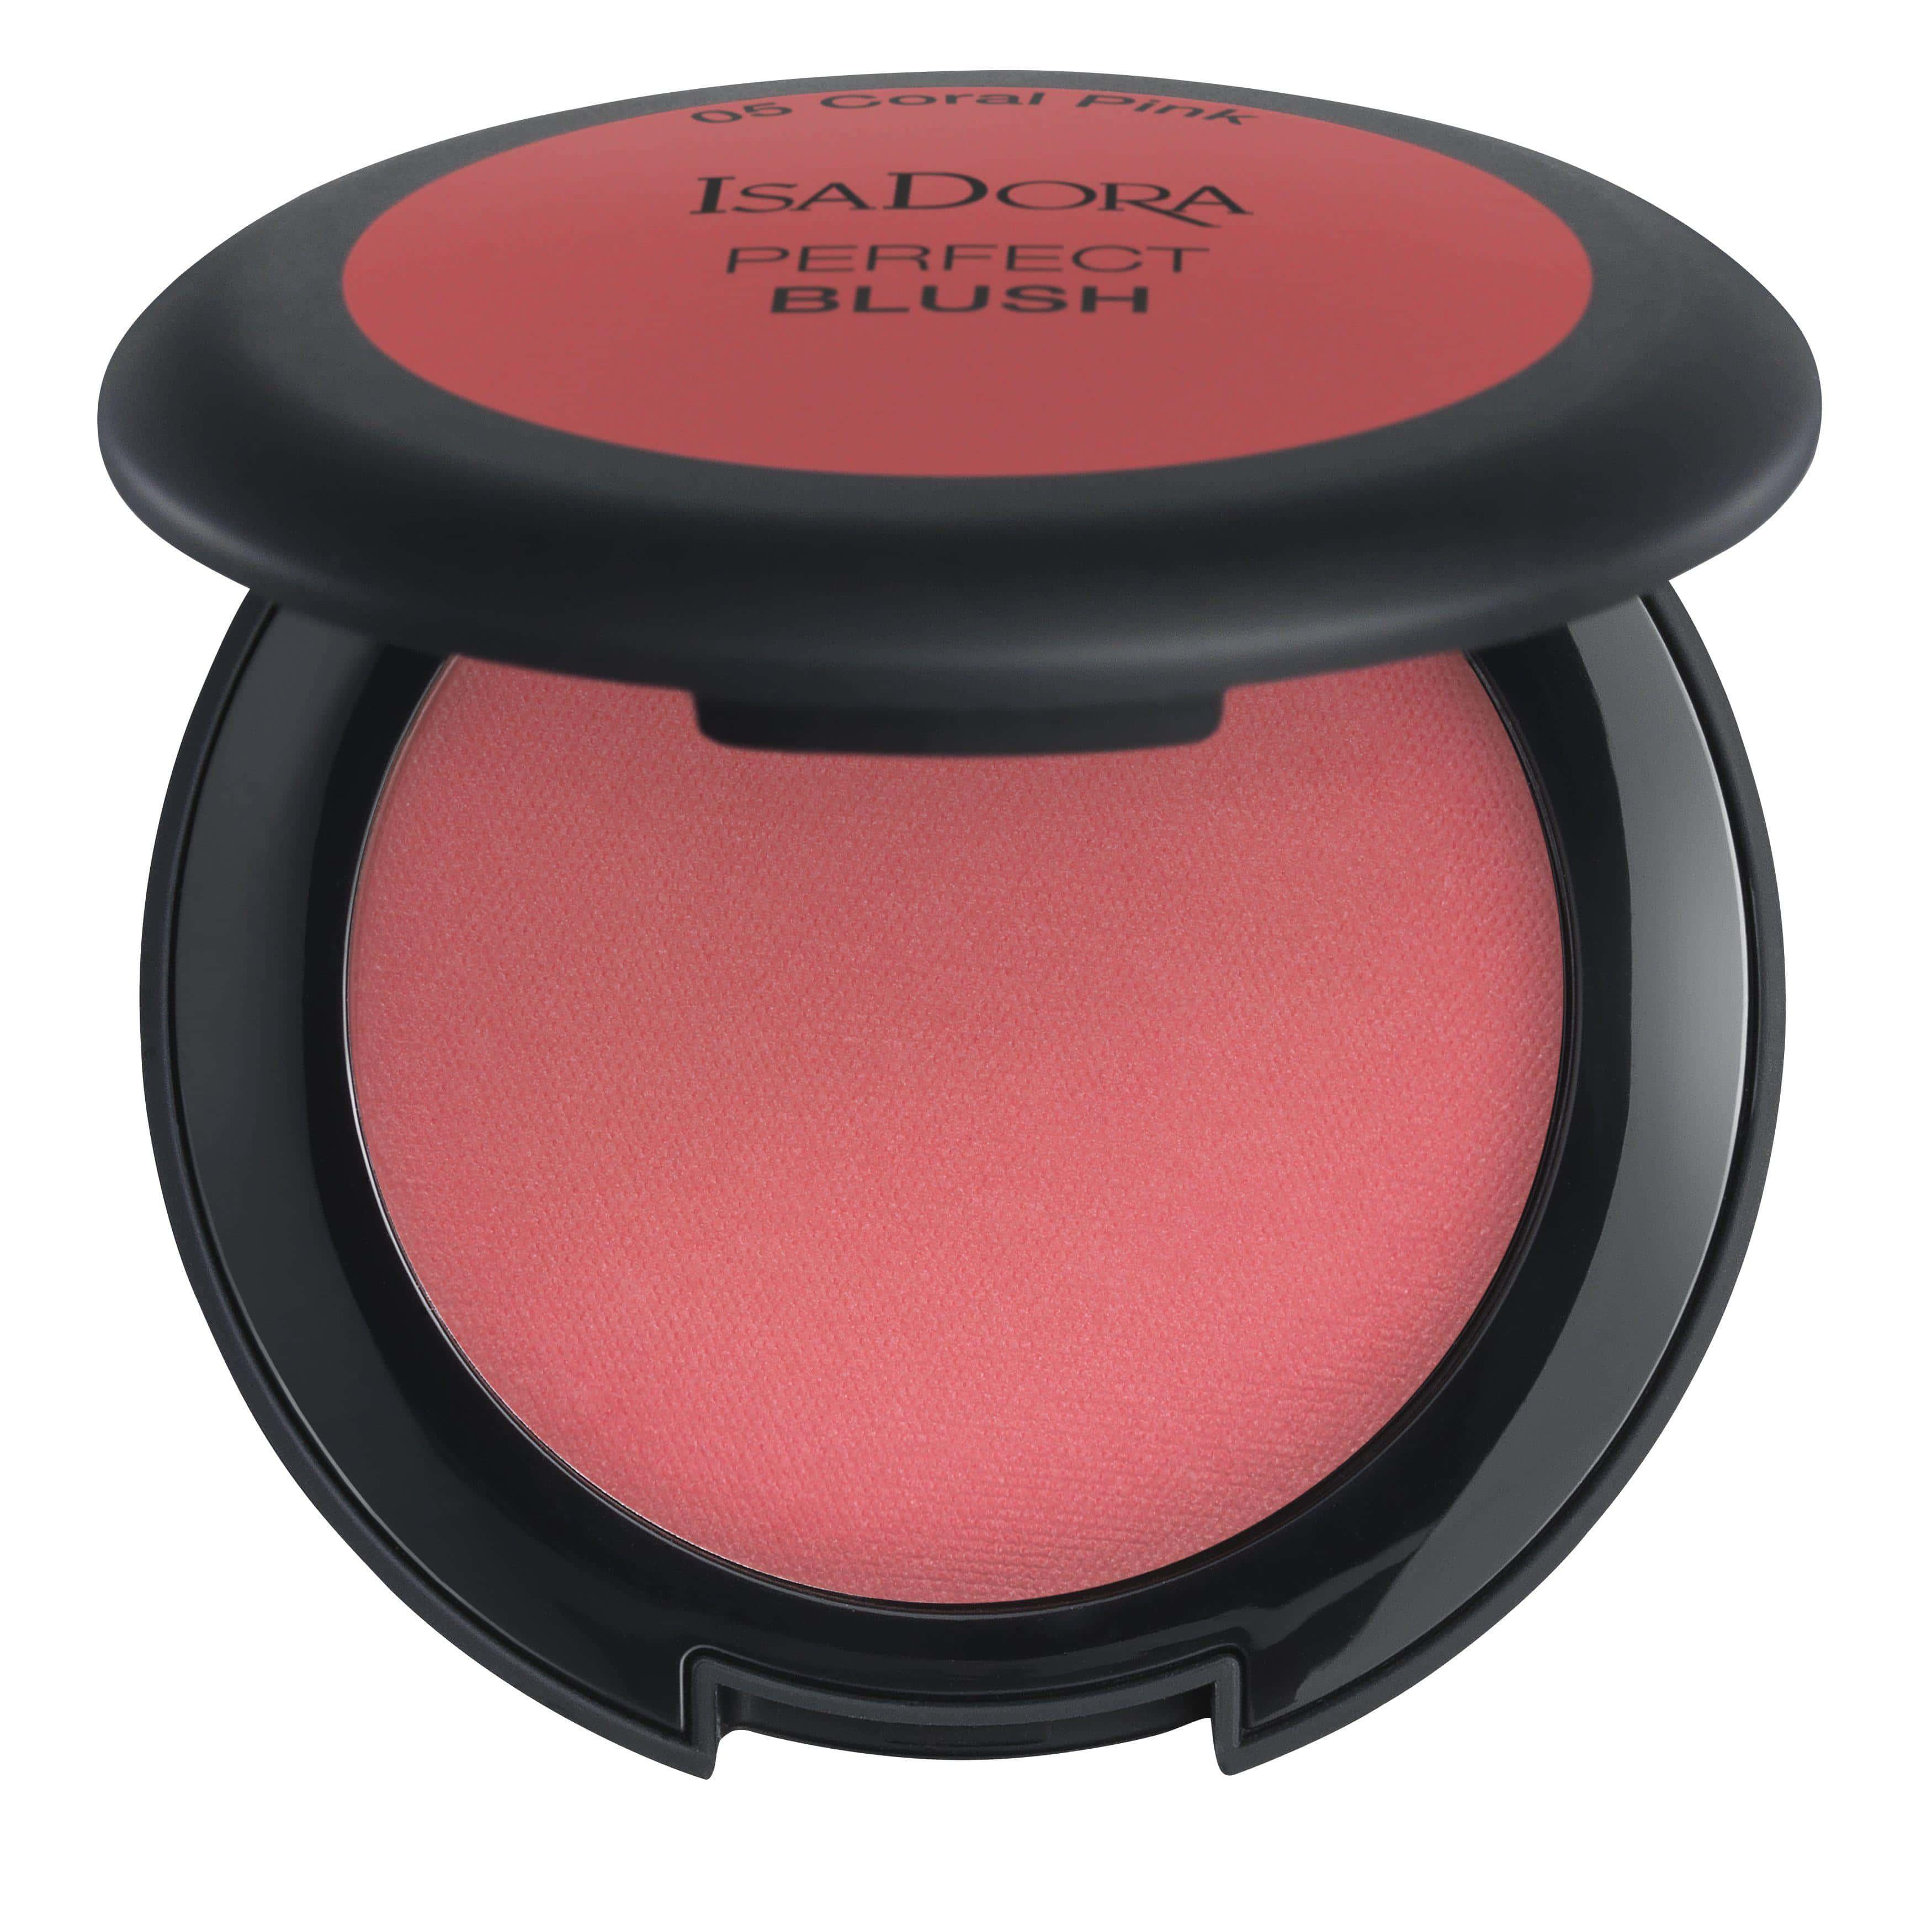 Isadora Perfect Blush Coral Pink